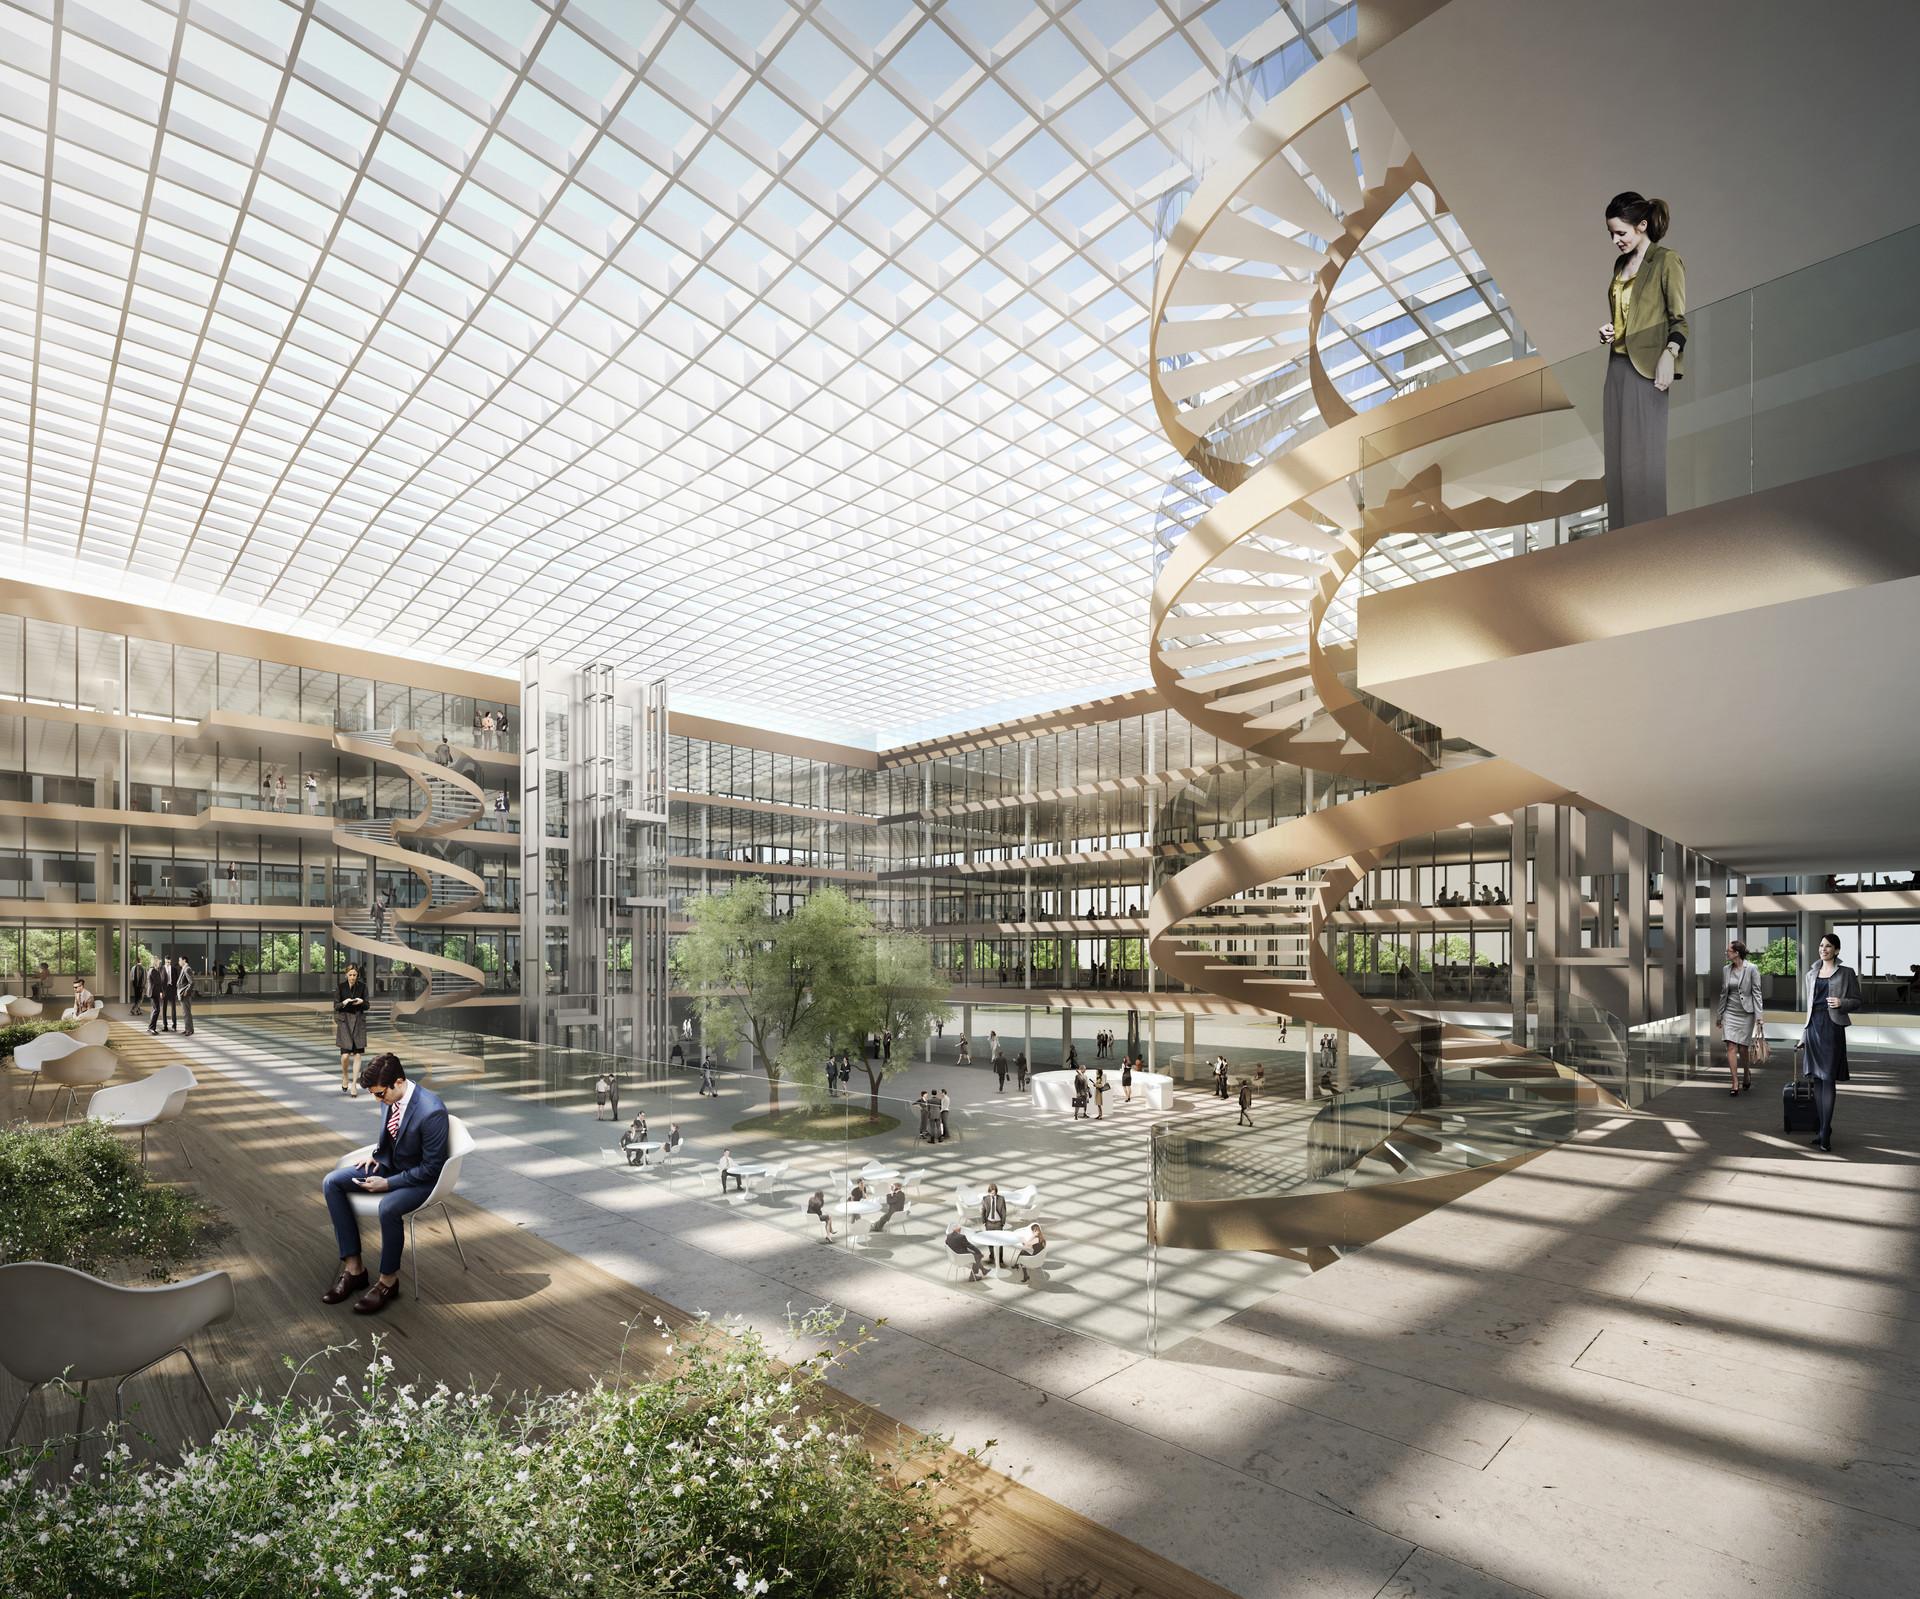 SAB Atrium | Ben Dieckmann architects